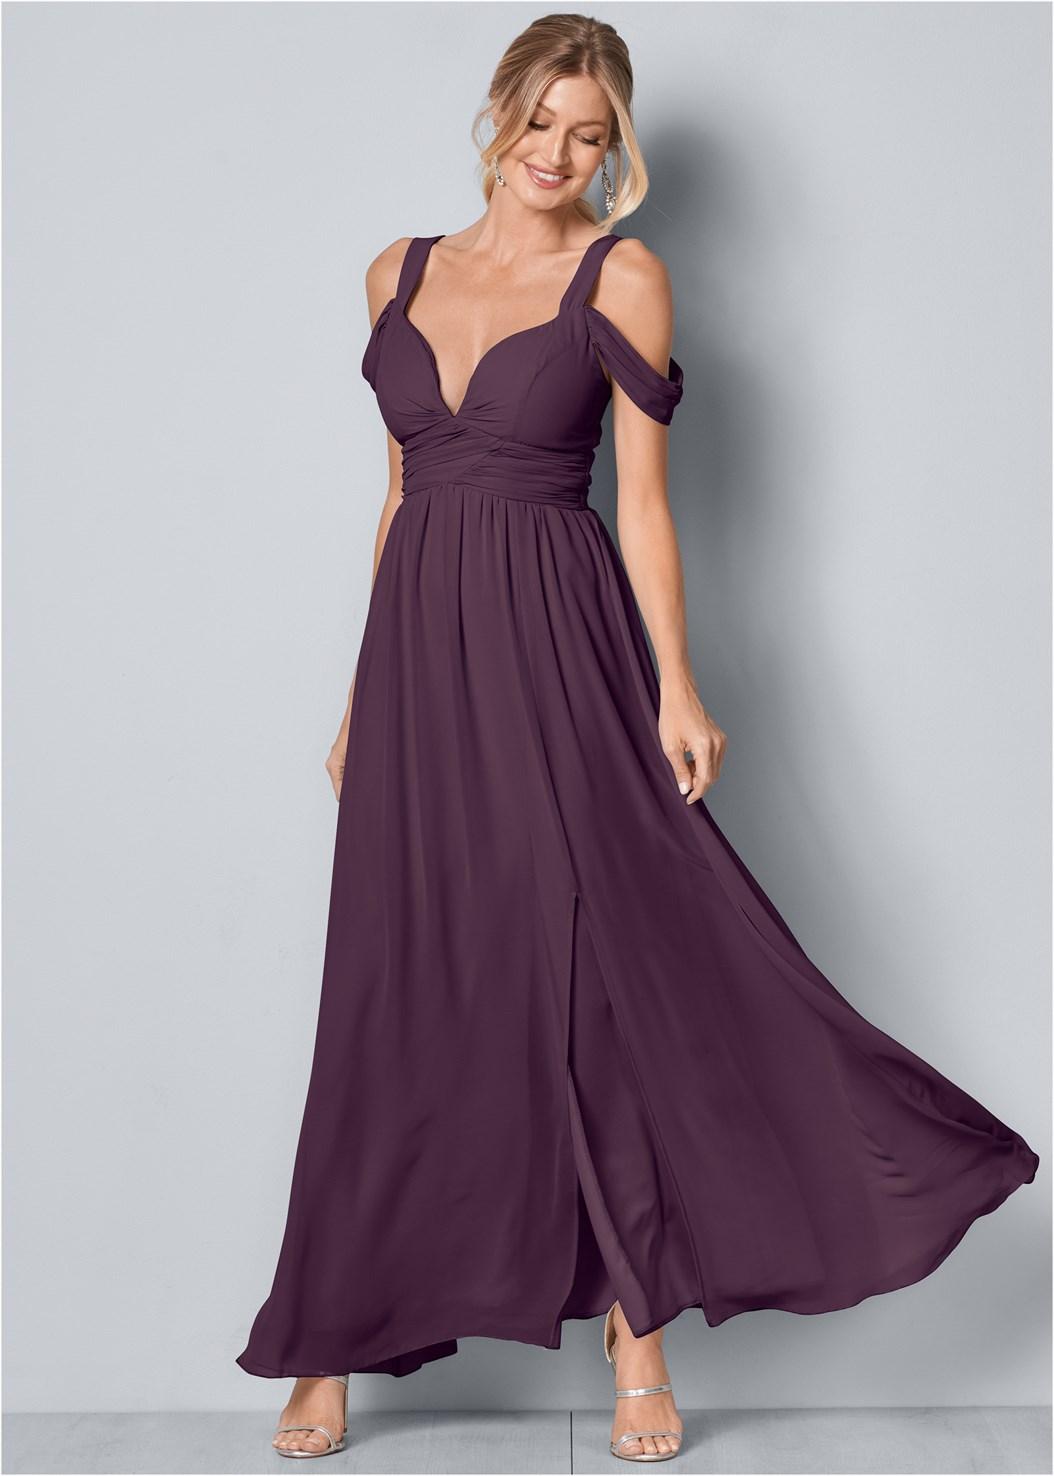 Cold Shoulder Detail Dress,High Heel Strappy Sandals